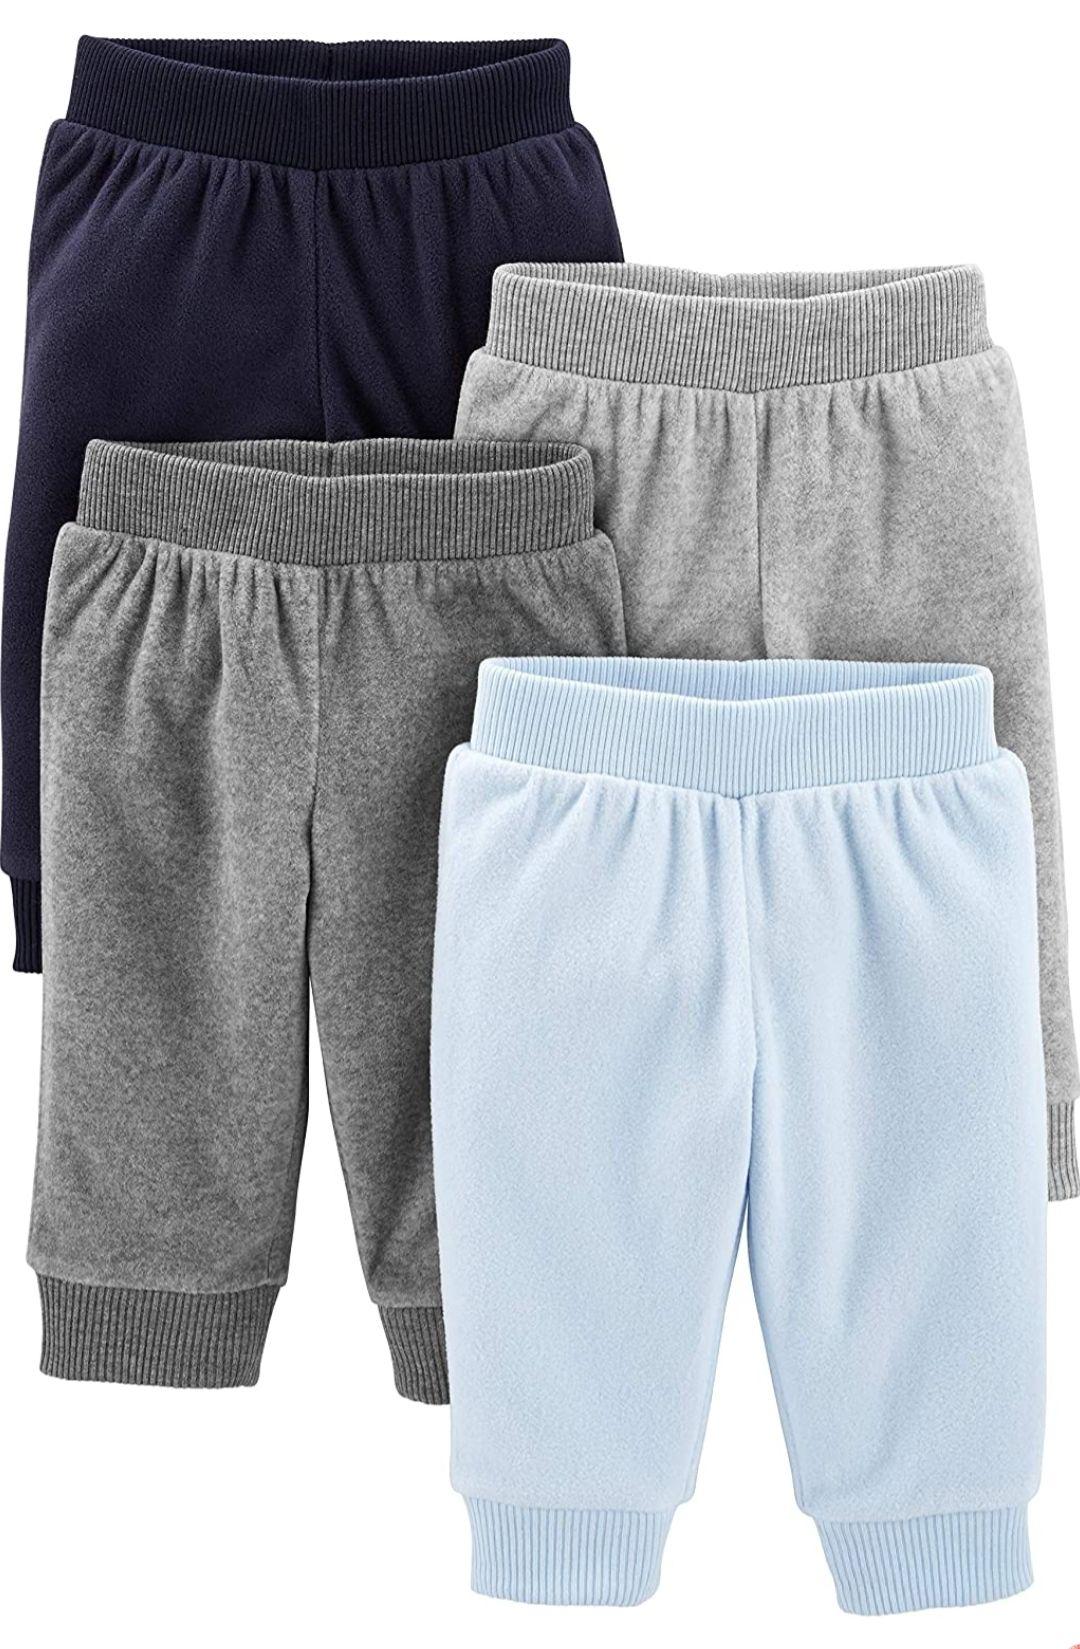 Pack 4 pantalones de forro polar para bebés prematuros